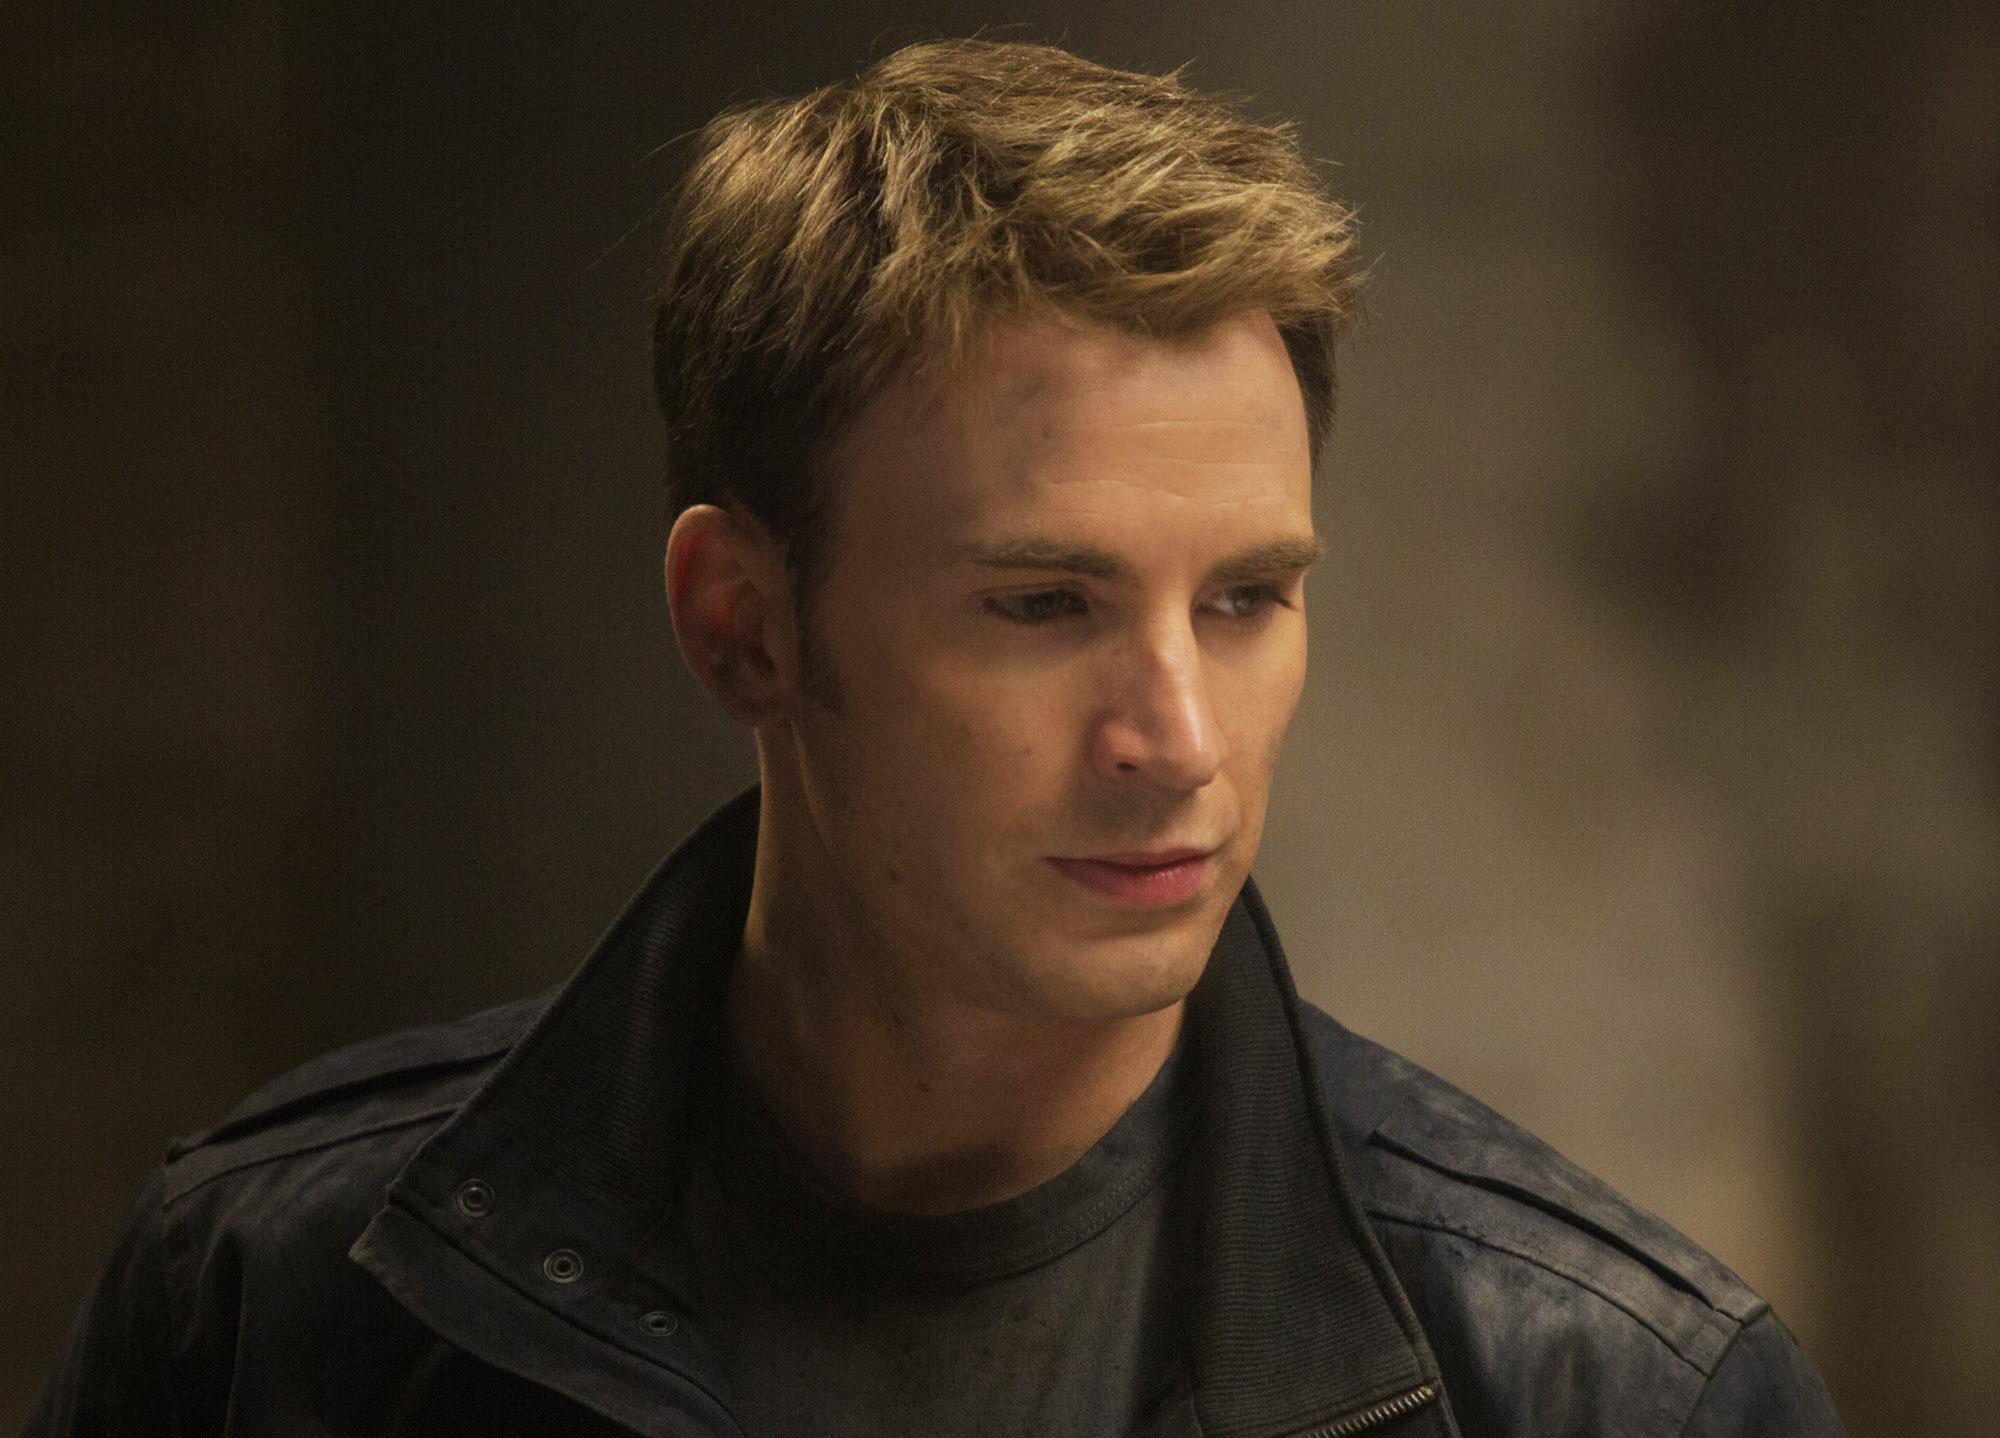 Jeremy Renner on Hawkeyes role in Avengers Infinity War